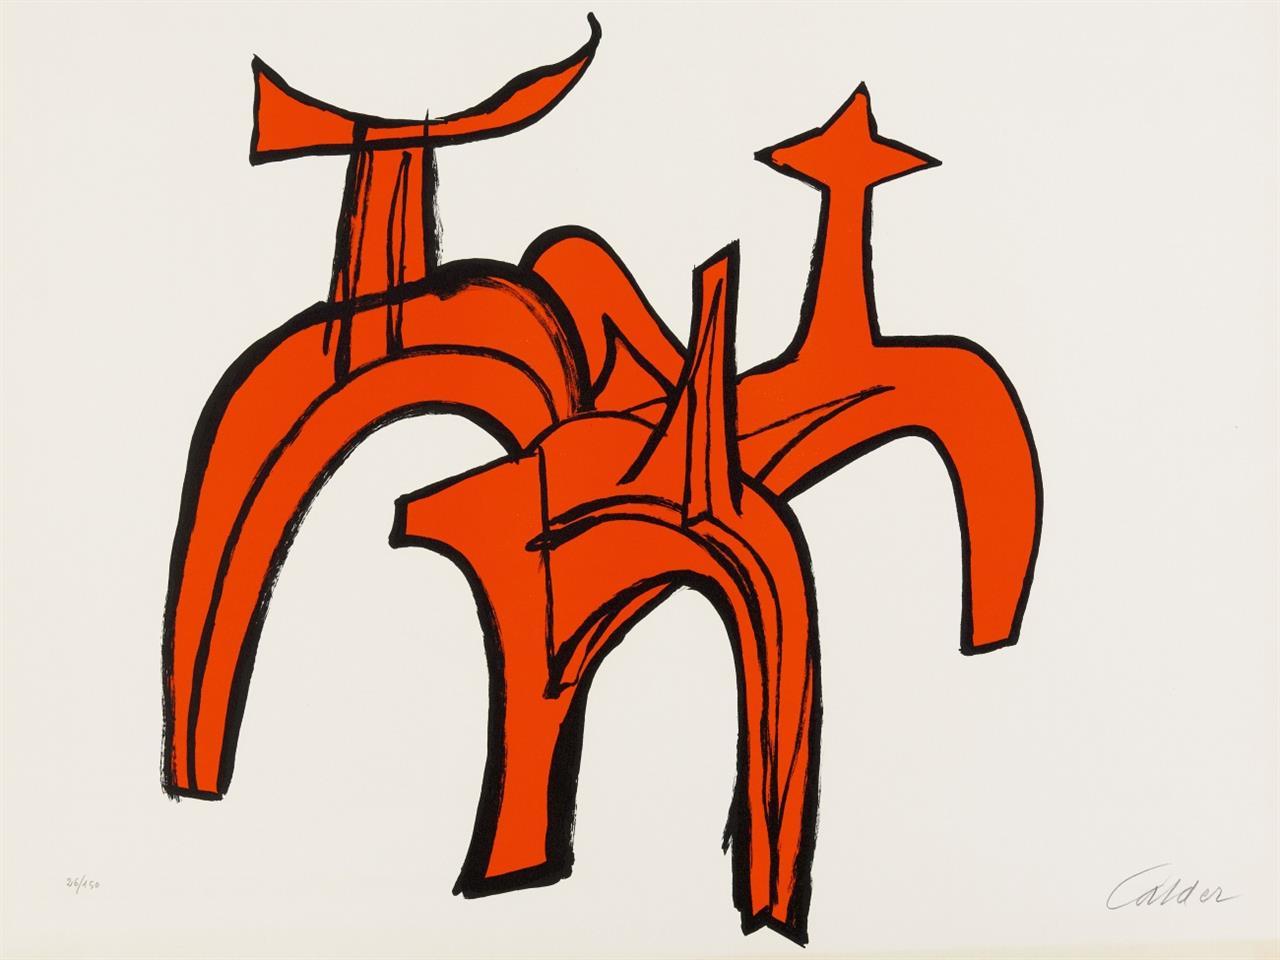 Alexander Calder. Rote Reiterstudie. 1973. Lithographie in Rot und Schwarz. Signiert. Ex. 26/150.